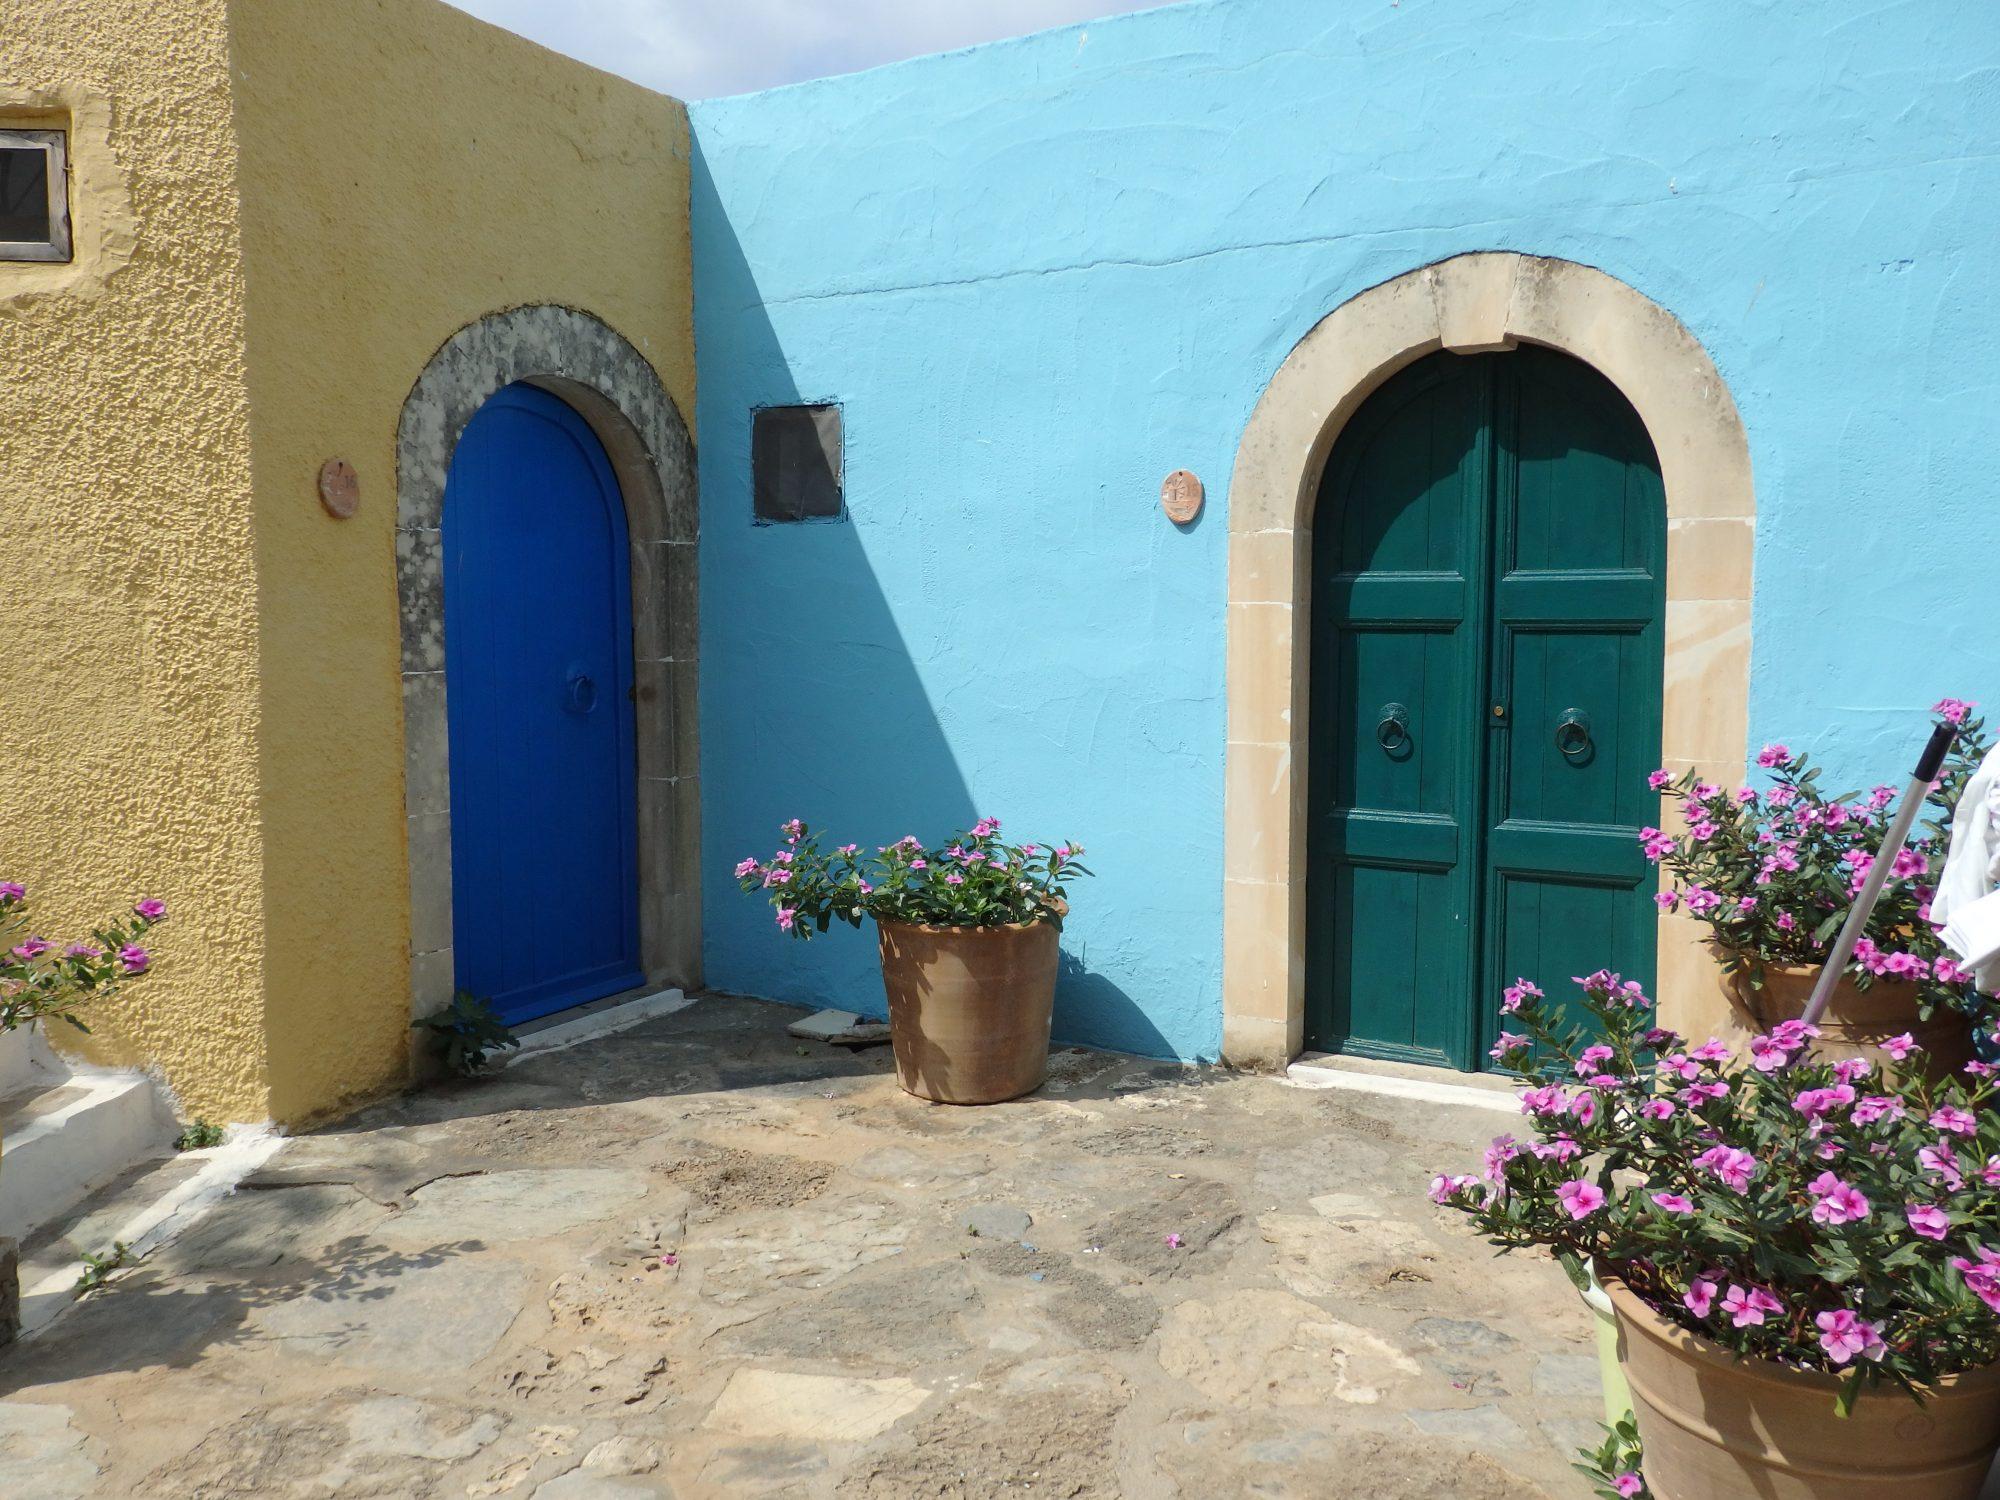 Doorways in Arolithos Traditional Cretan Village near Heraklion, Crete